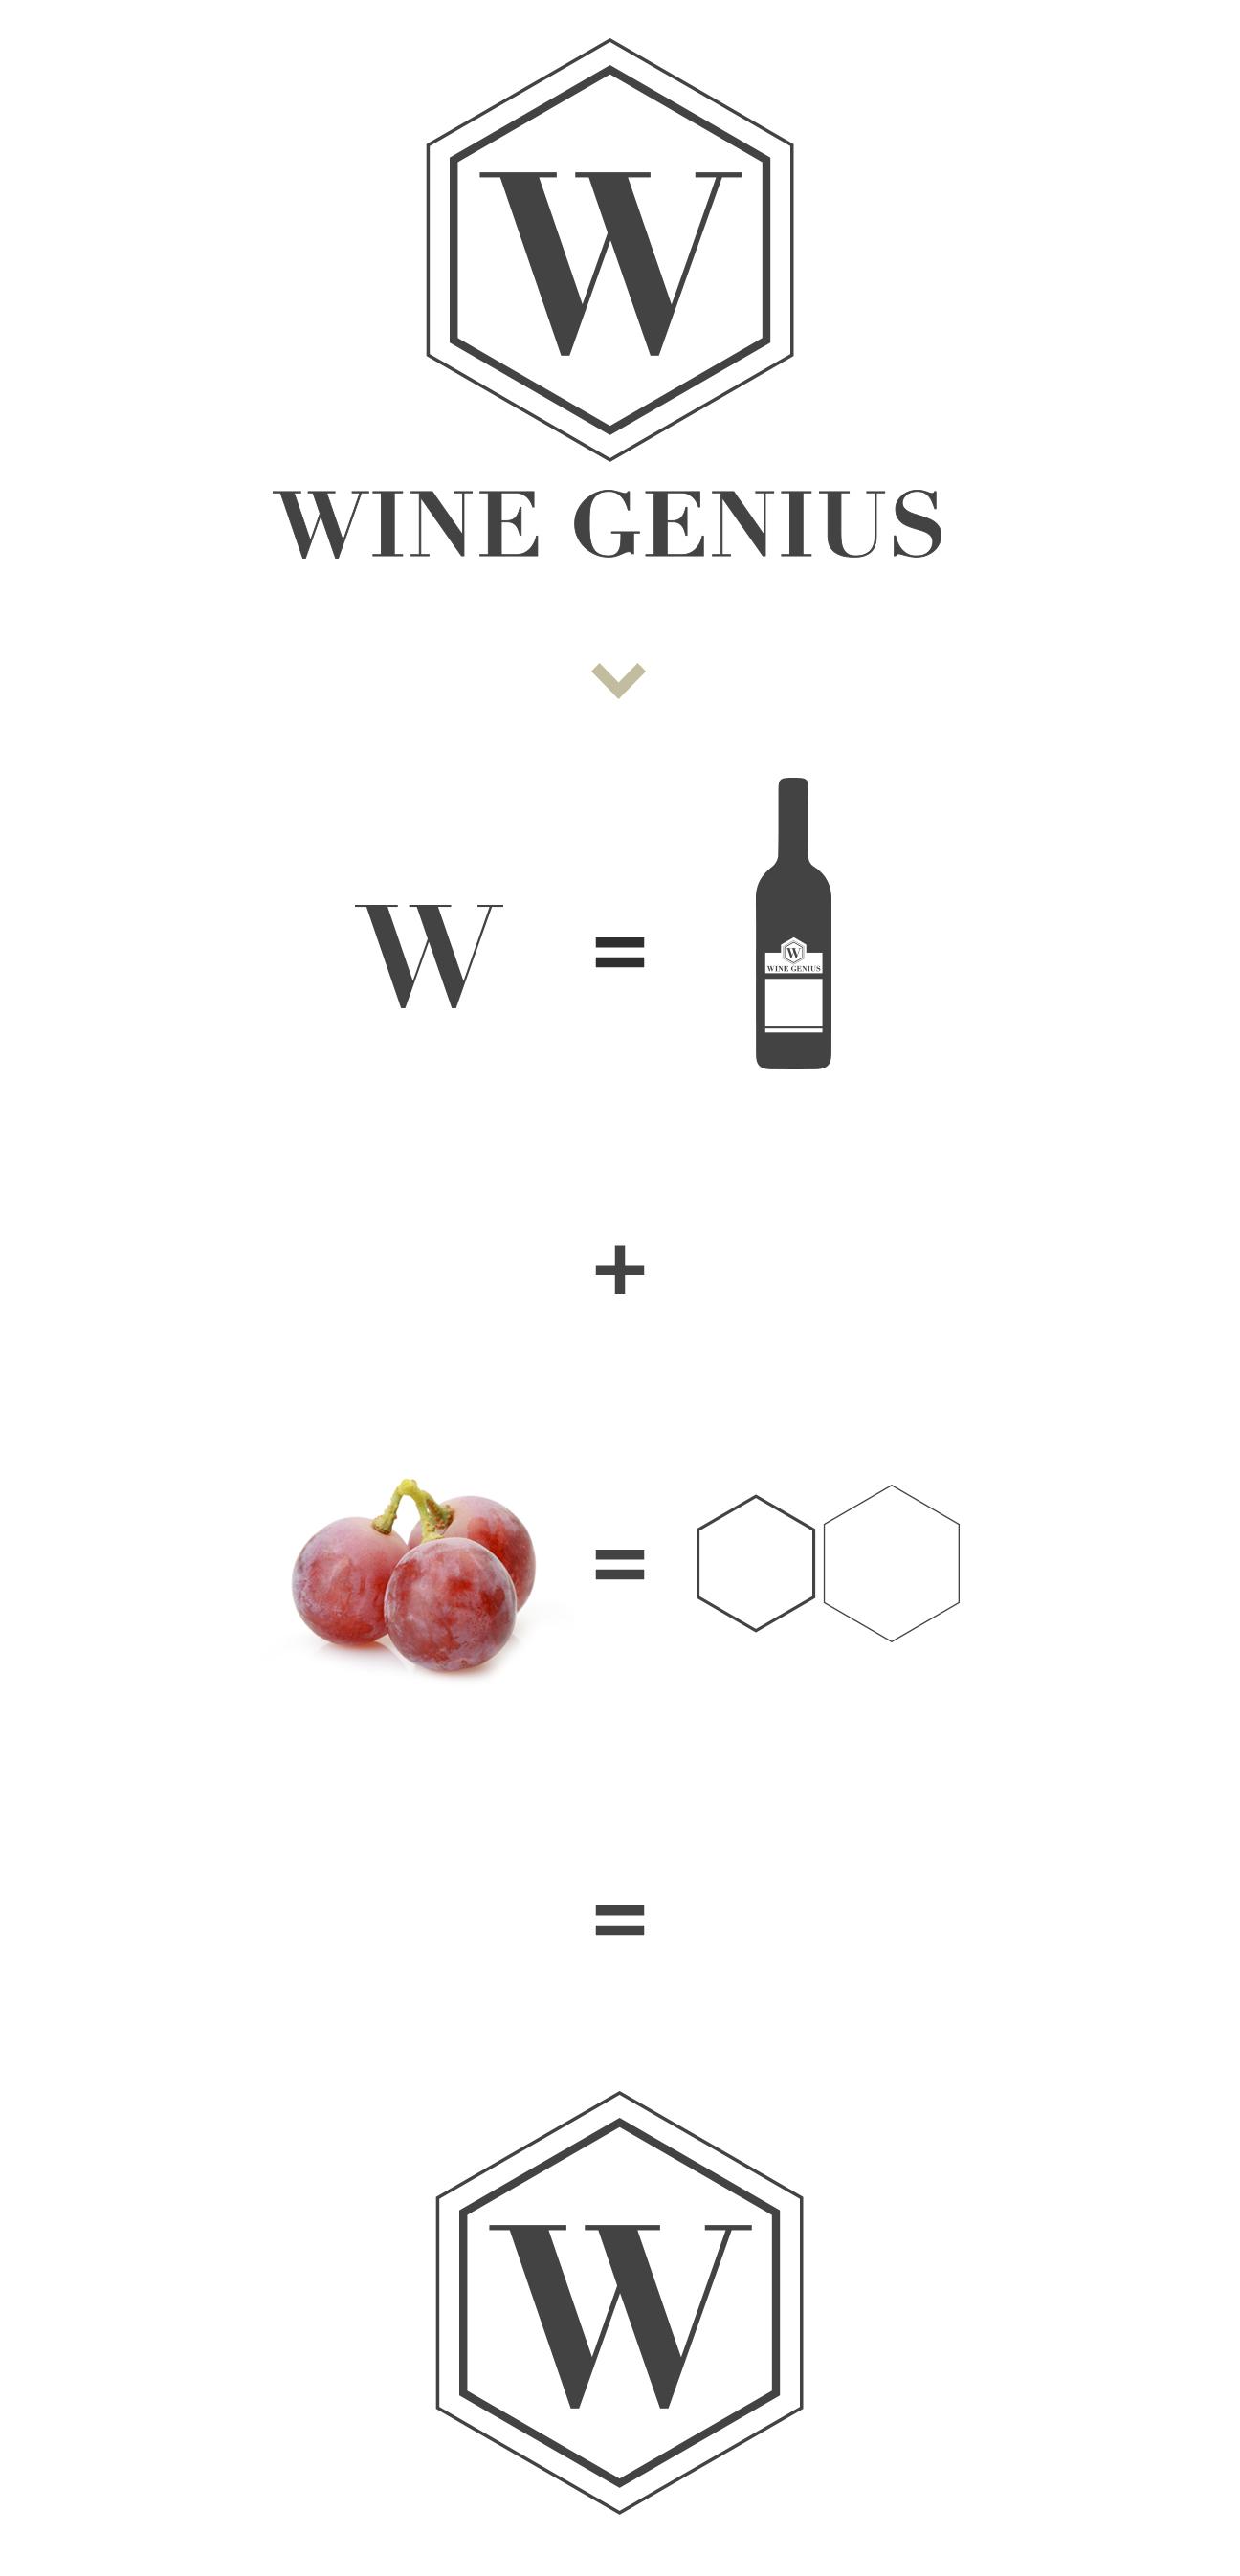 Wine Genius logo concept & logo package design